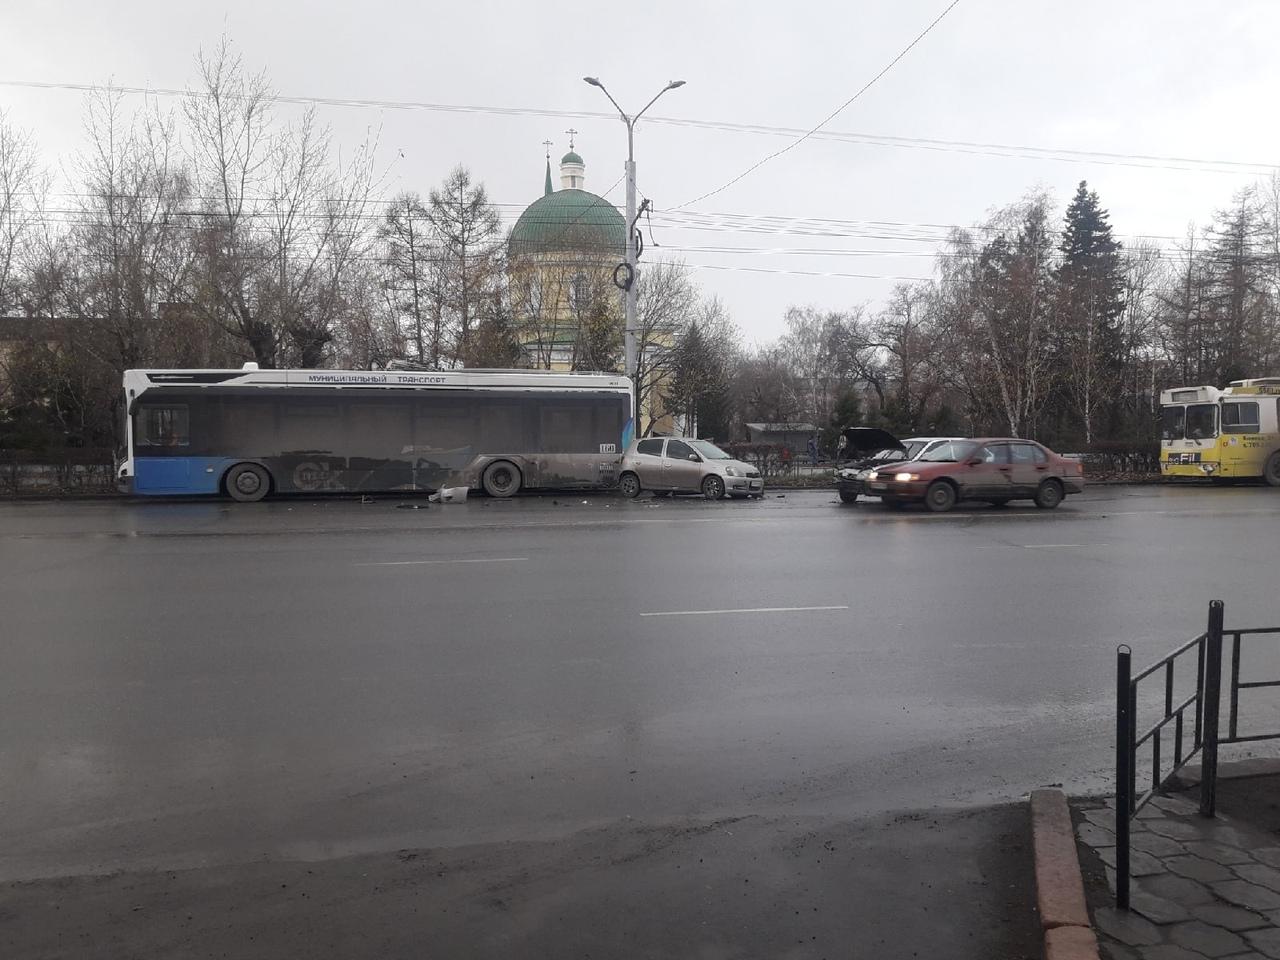 Новый троллейбус «Адмирал» уже попал в ДТП в центре Омска #Омск #Общество #Сегодня